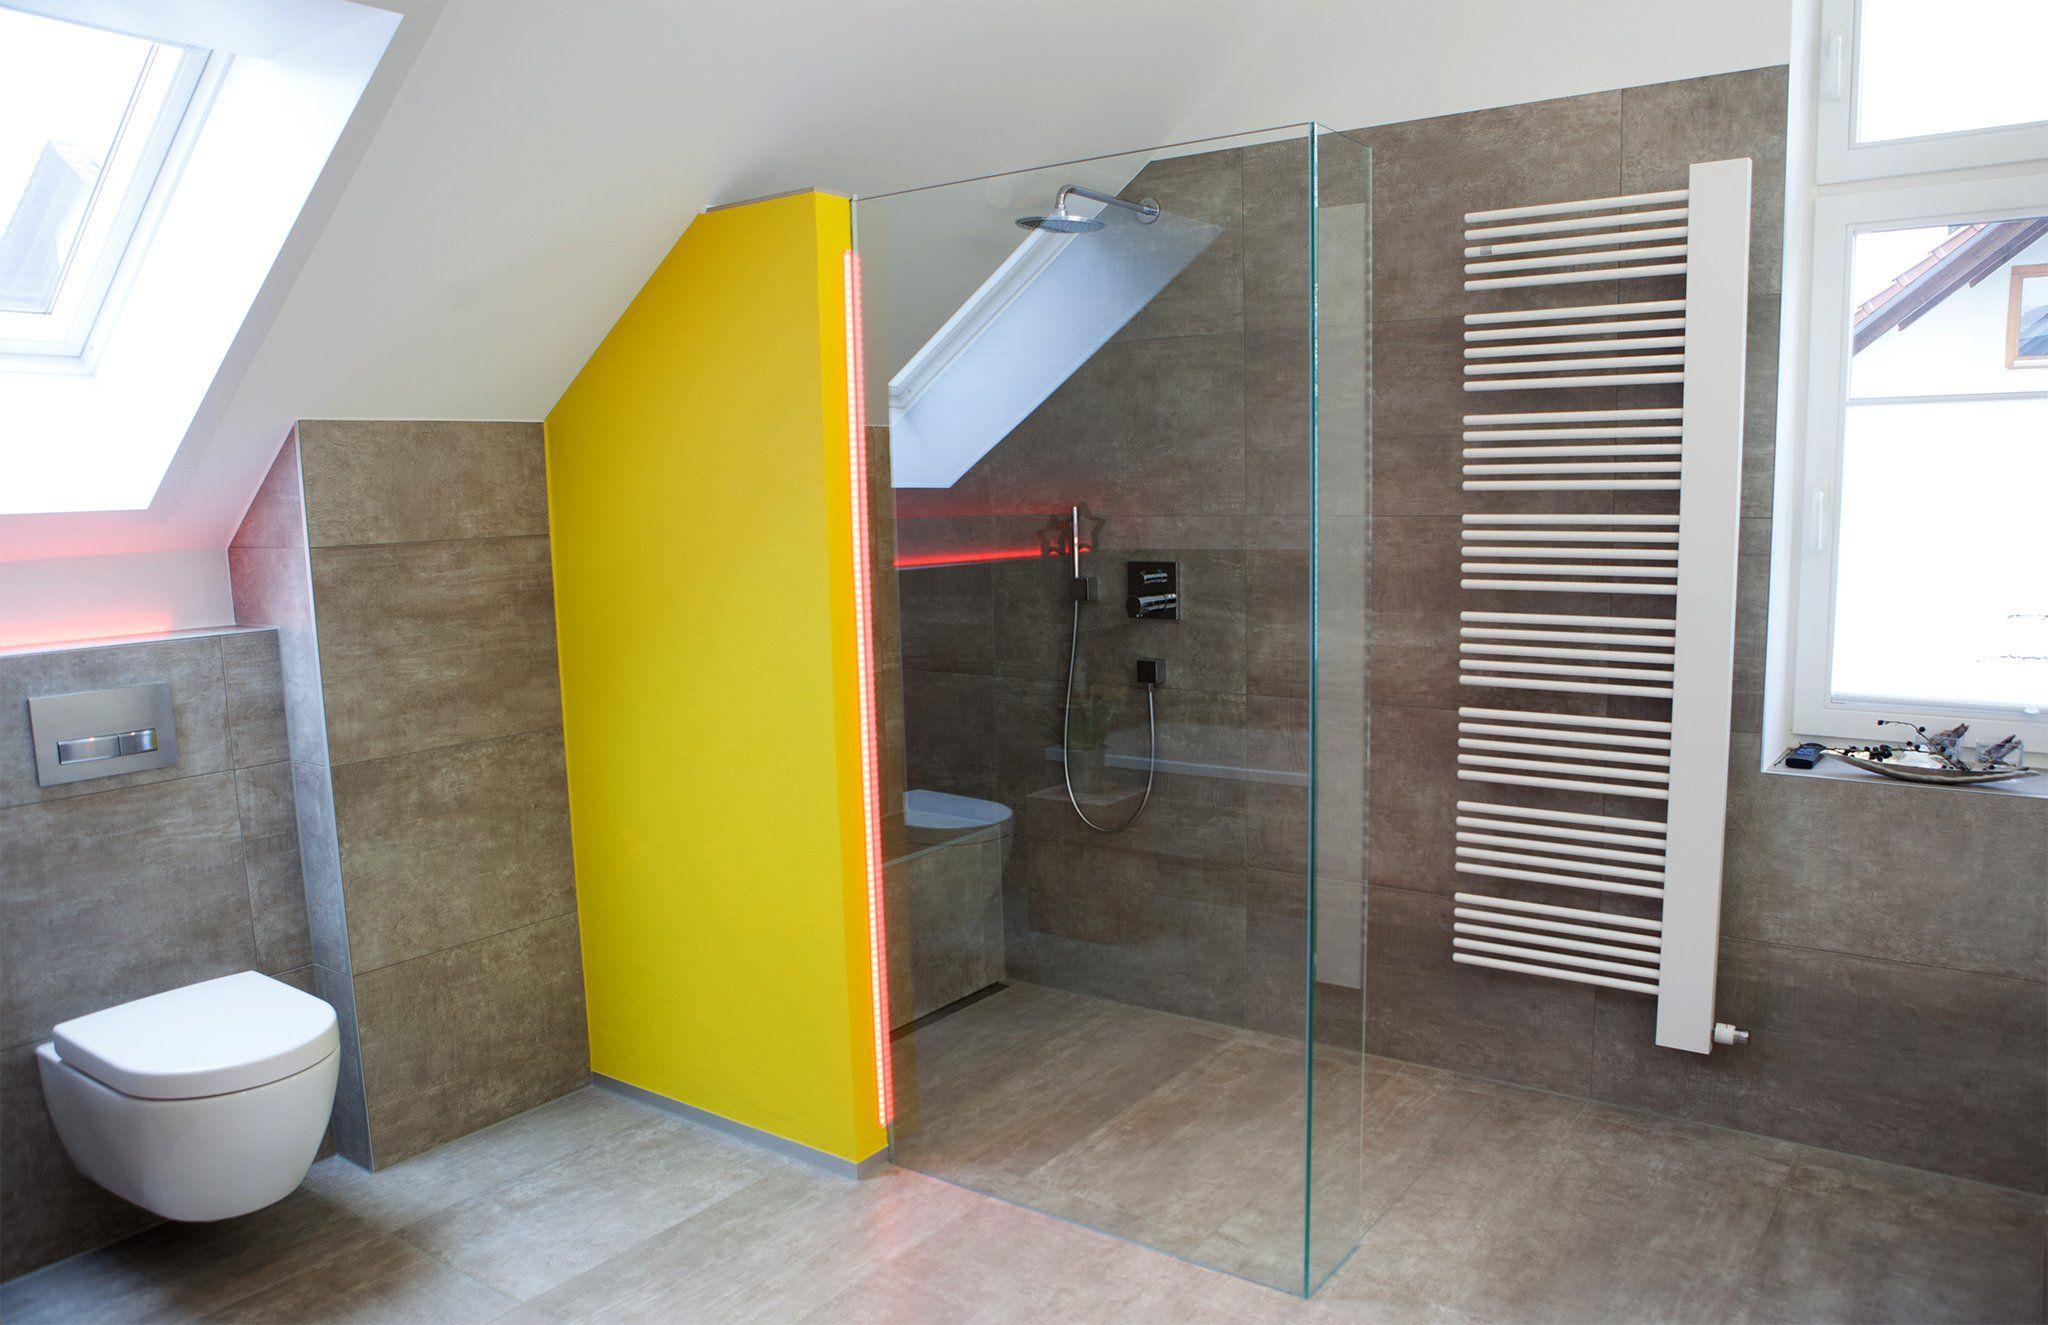 Künstlerisch Dusche Mit Sitzbank Referenz Von Die Bodengleiche Ist Besonders Komfortabel Und Bequem